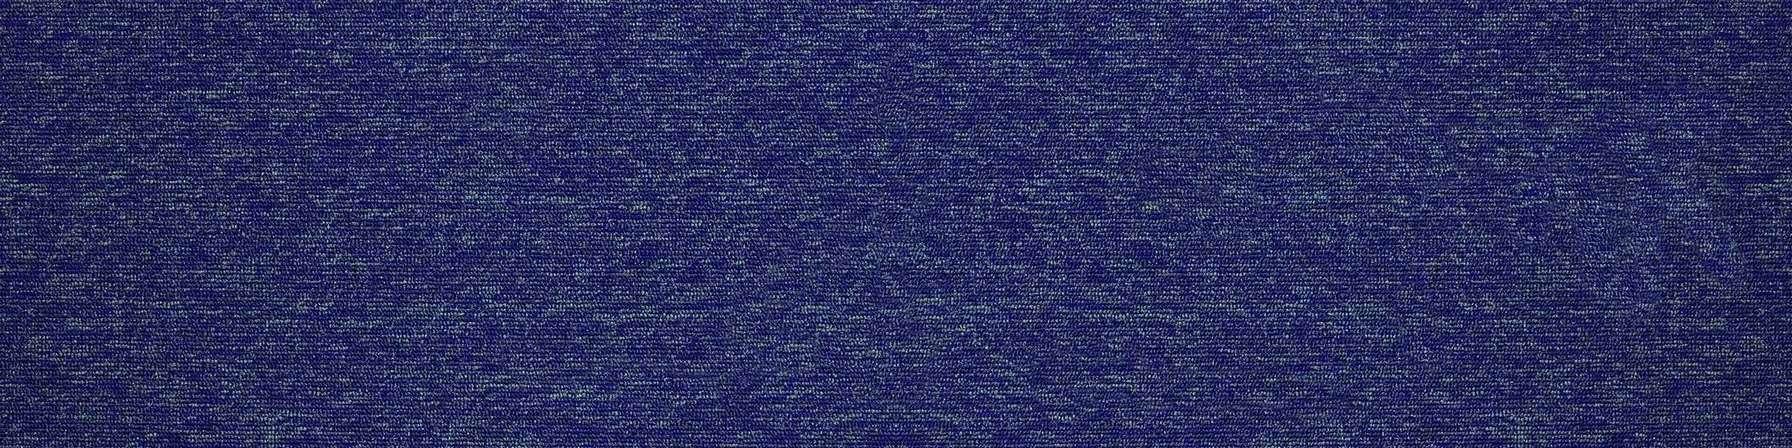 tivoli 21103 caicos azure carpet plank